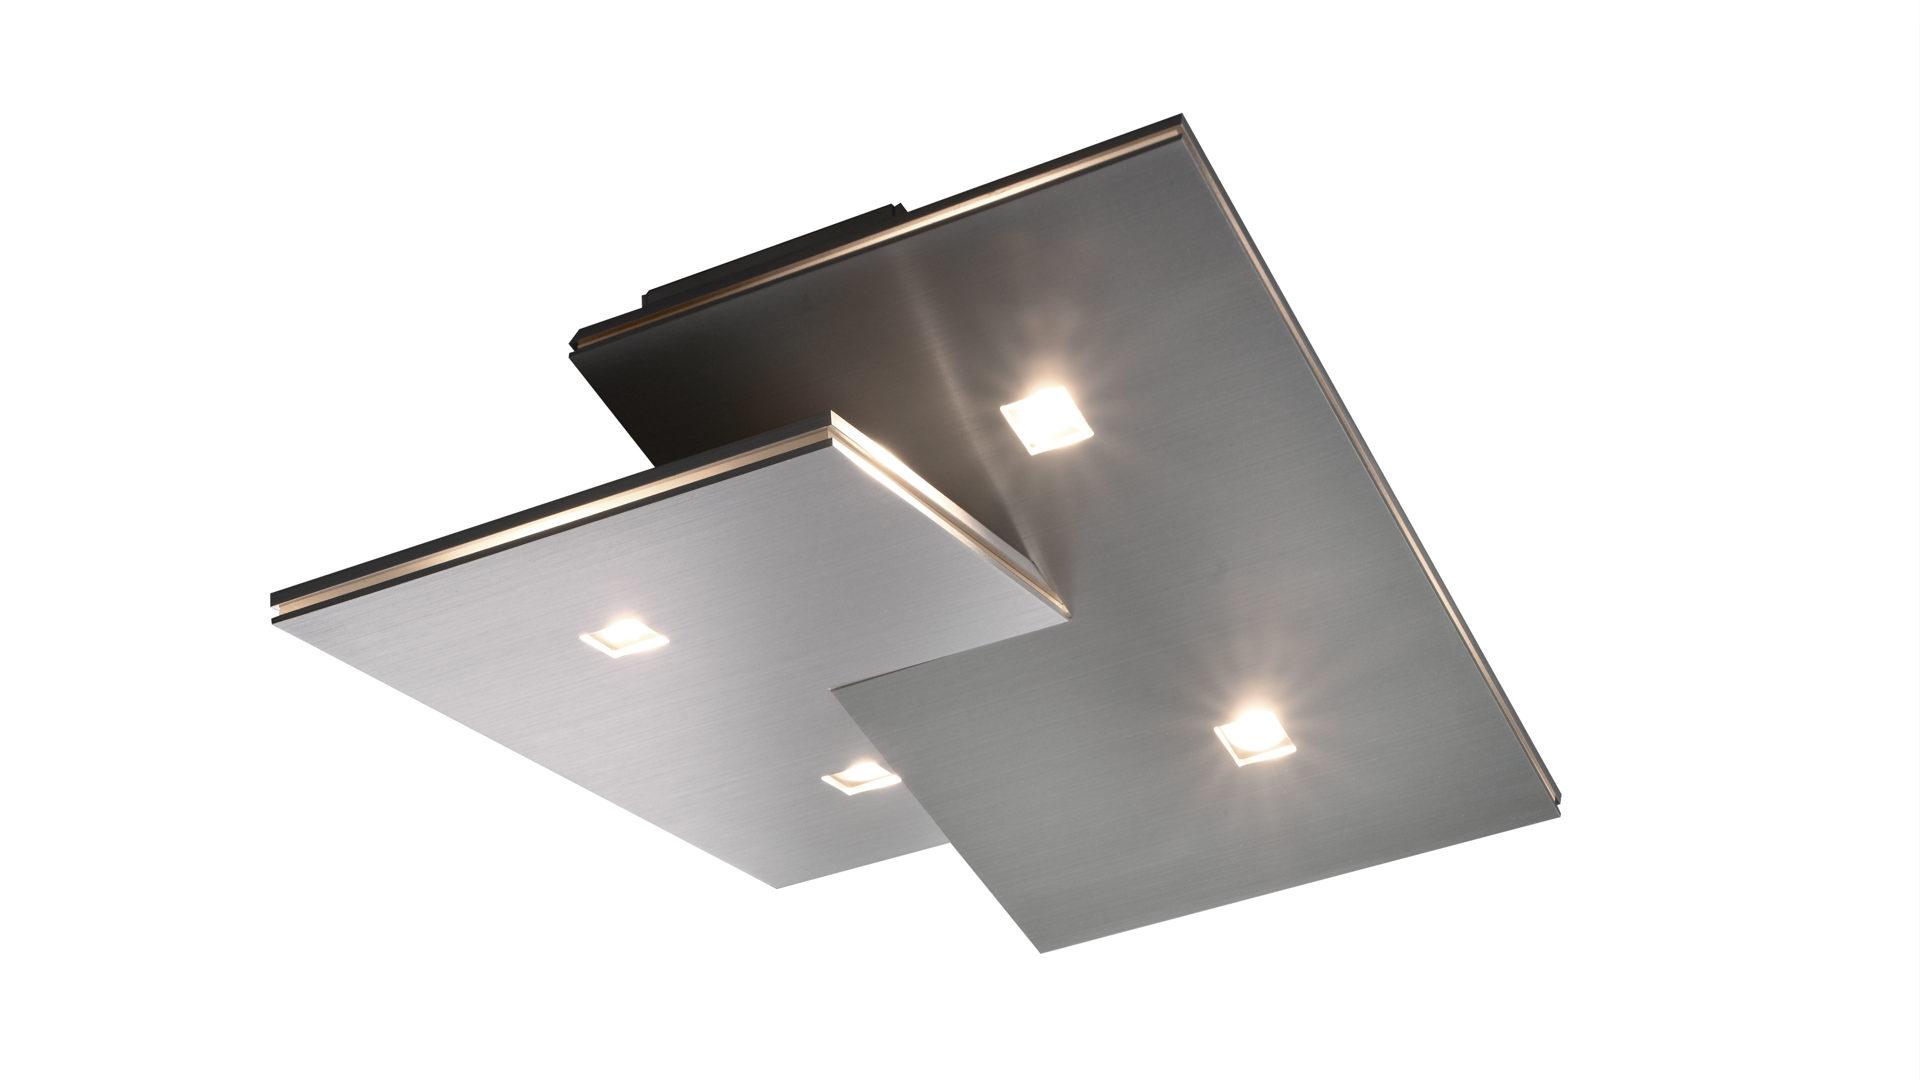 Deckenlampe Deckenleuchte JLS44FUWED Leuchte Lampe Wohnzimmer Küche Beleuchtung